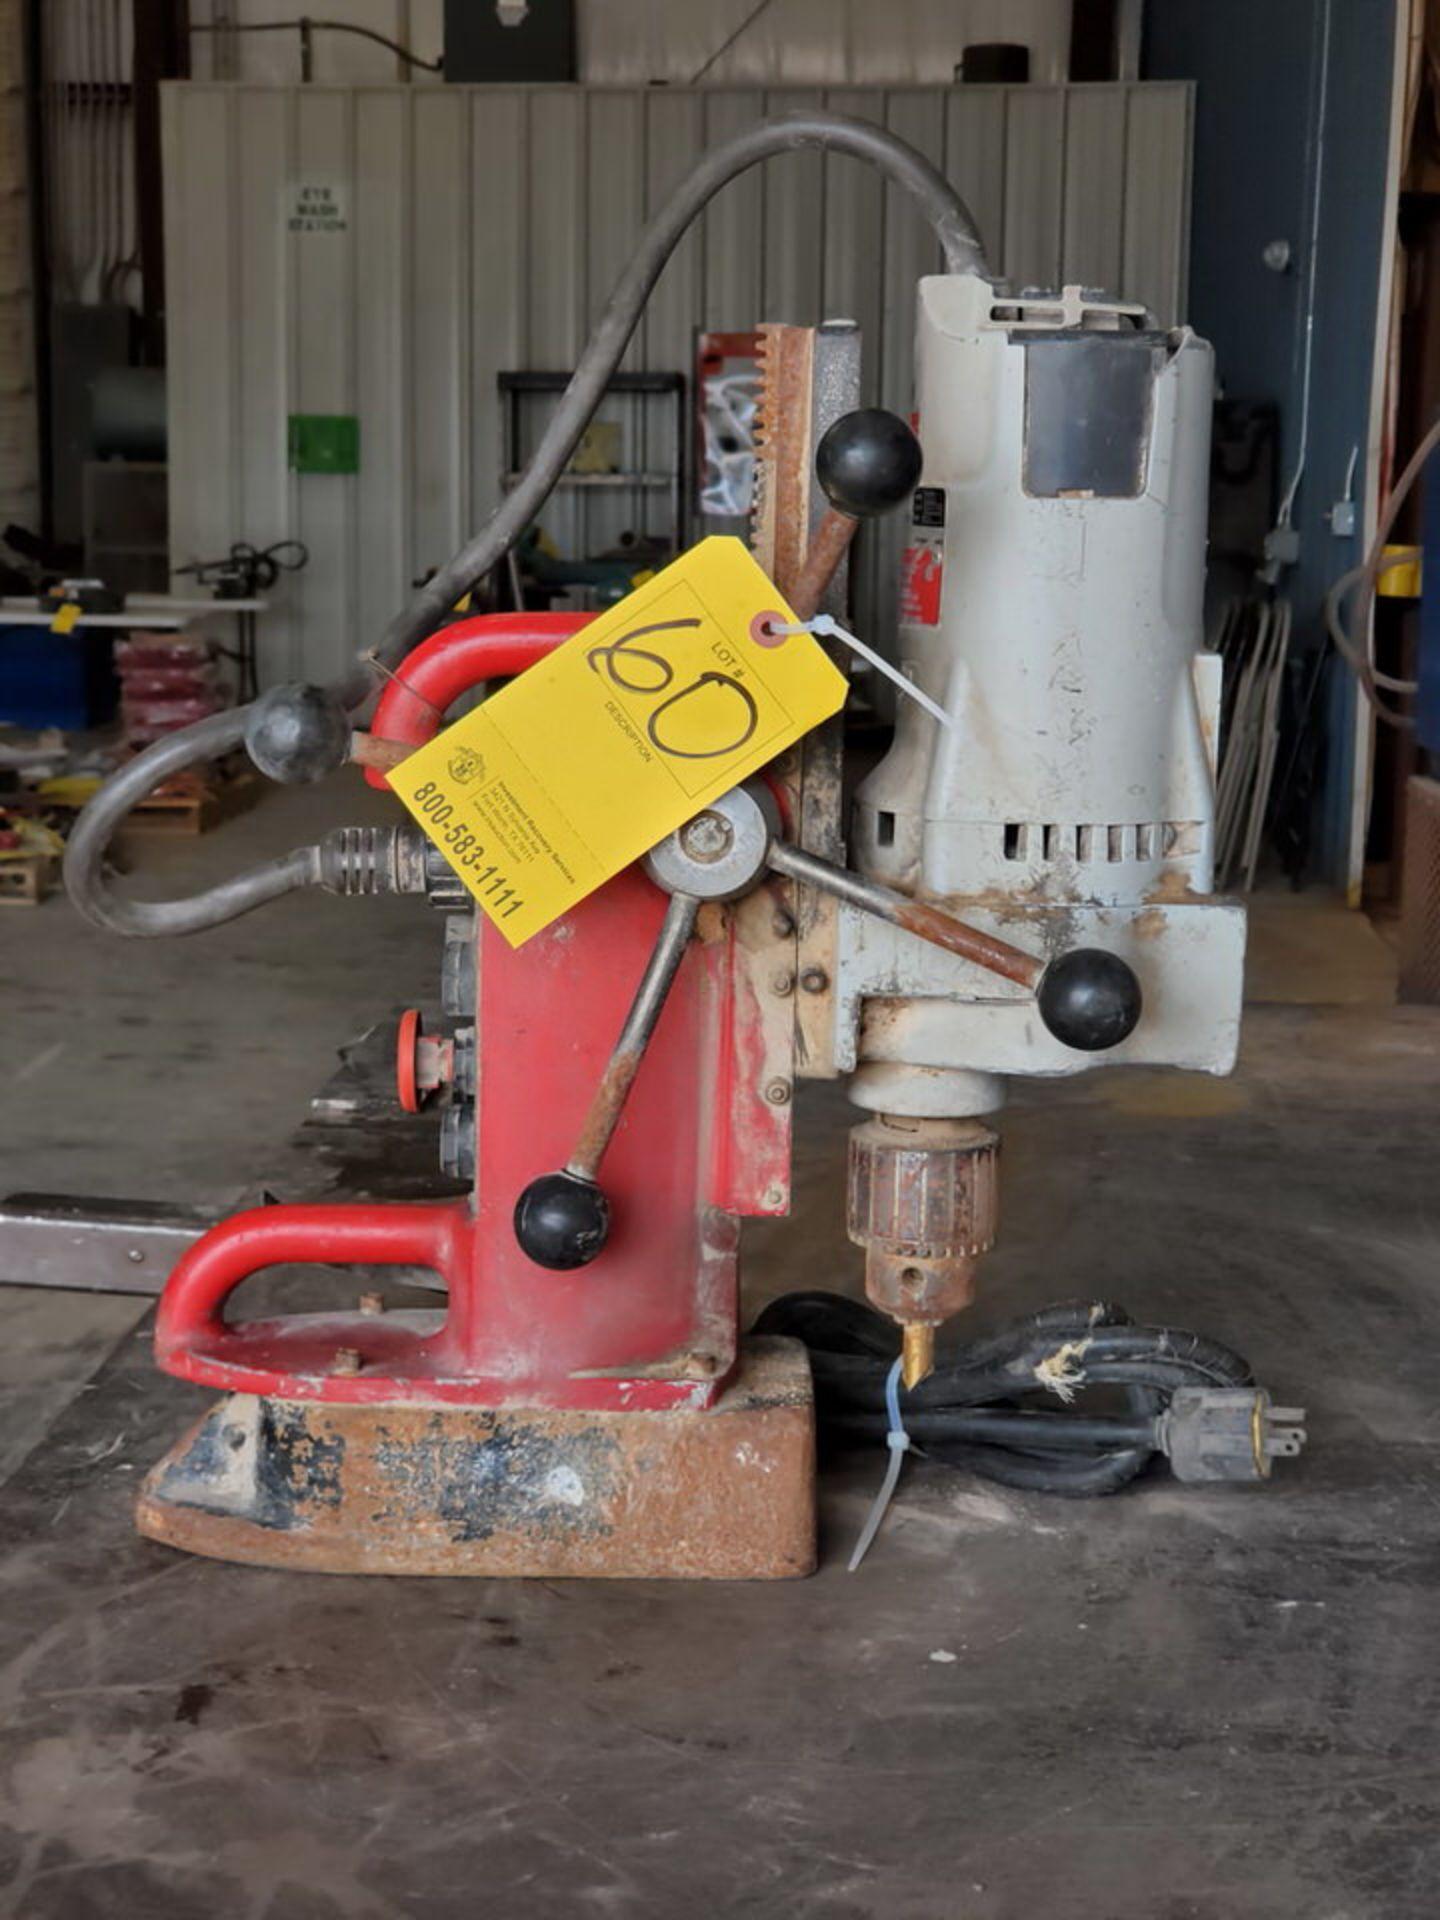 Milwaukee Mag Drill 120V, 12.5A, 60HZ, 250/500RPM - Image 3 of 5